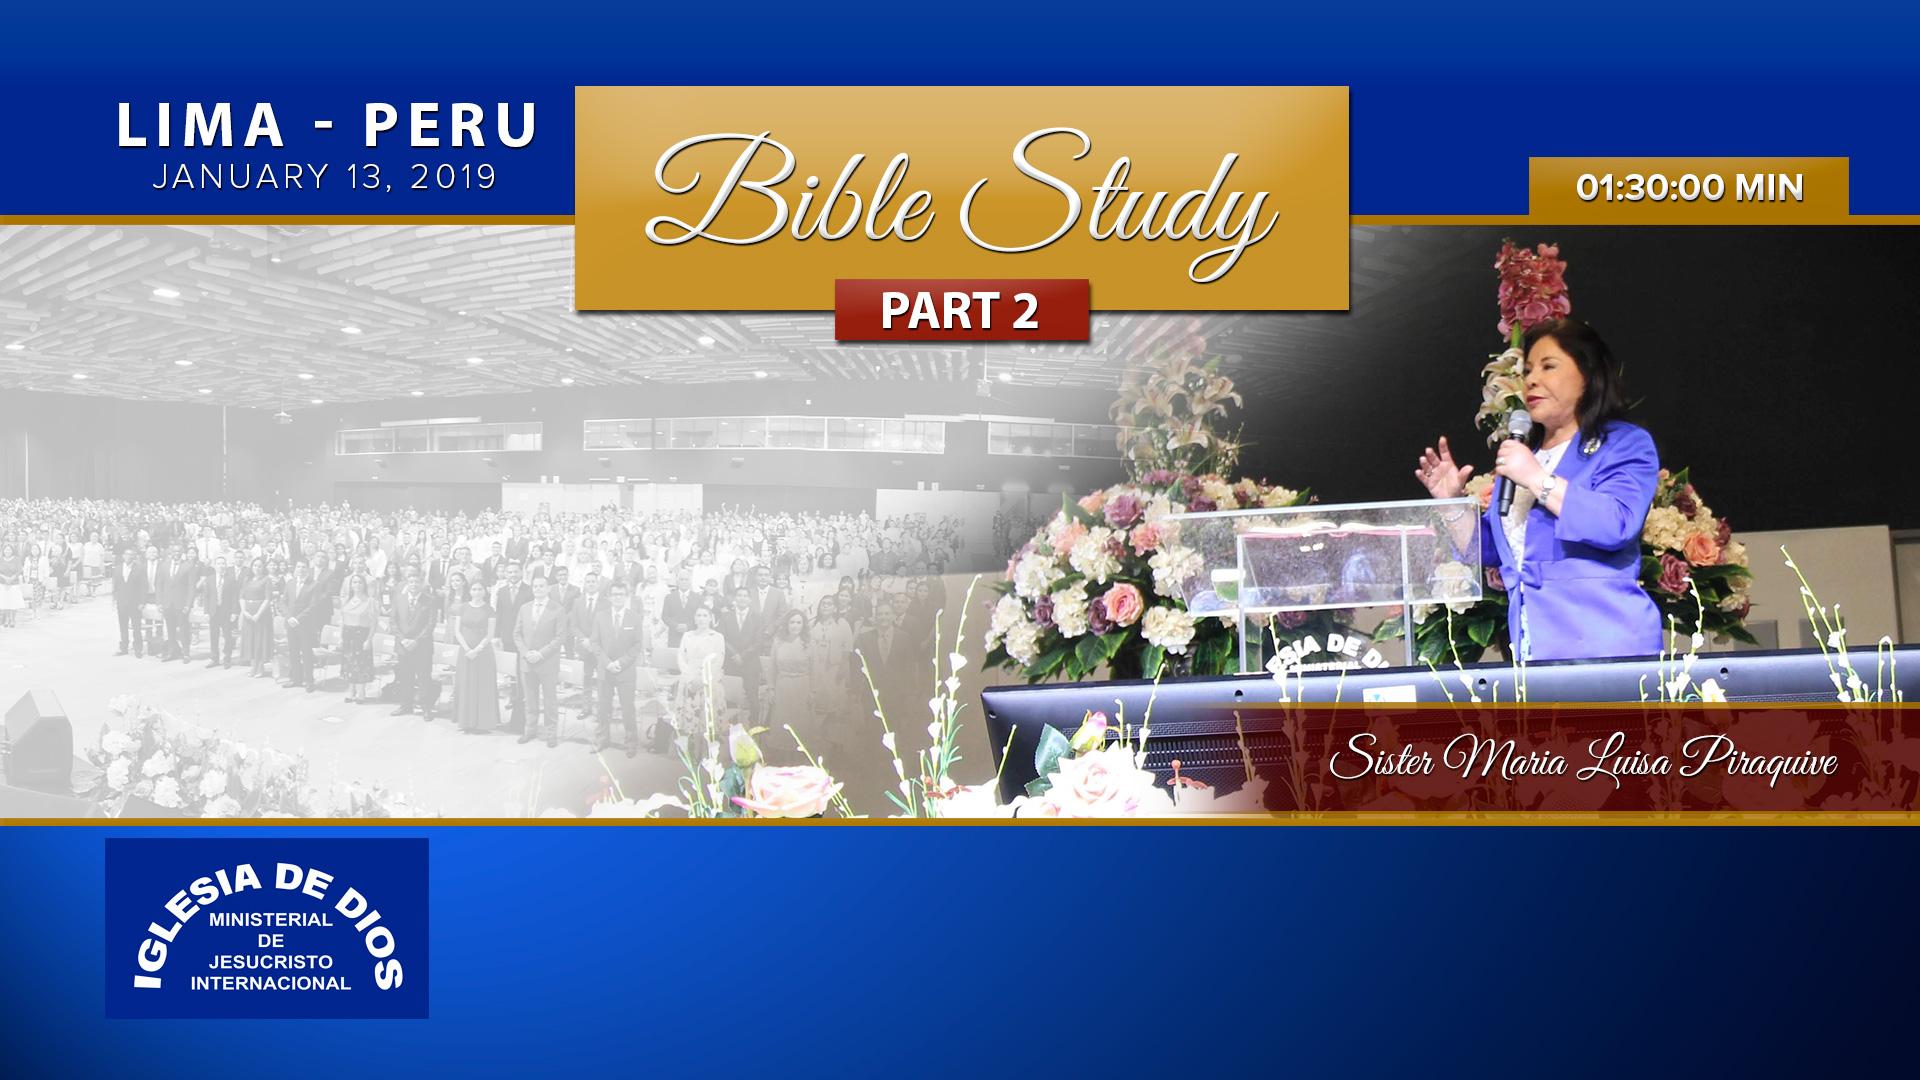 Bible study: Part 2, Lima Peru